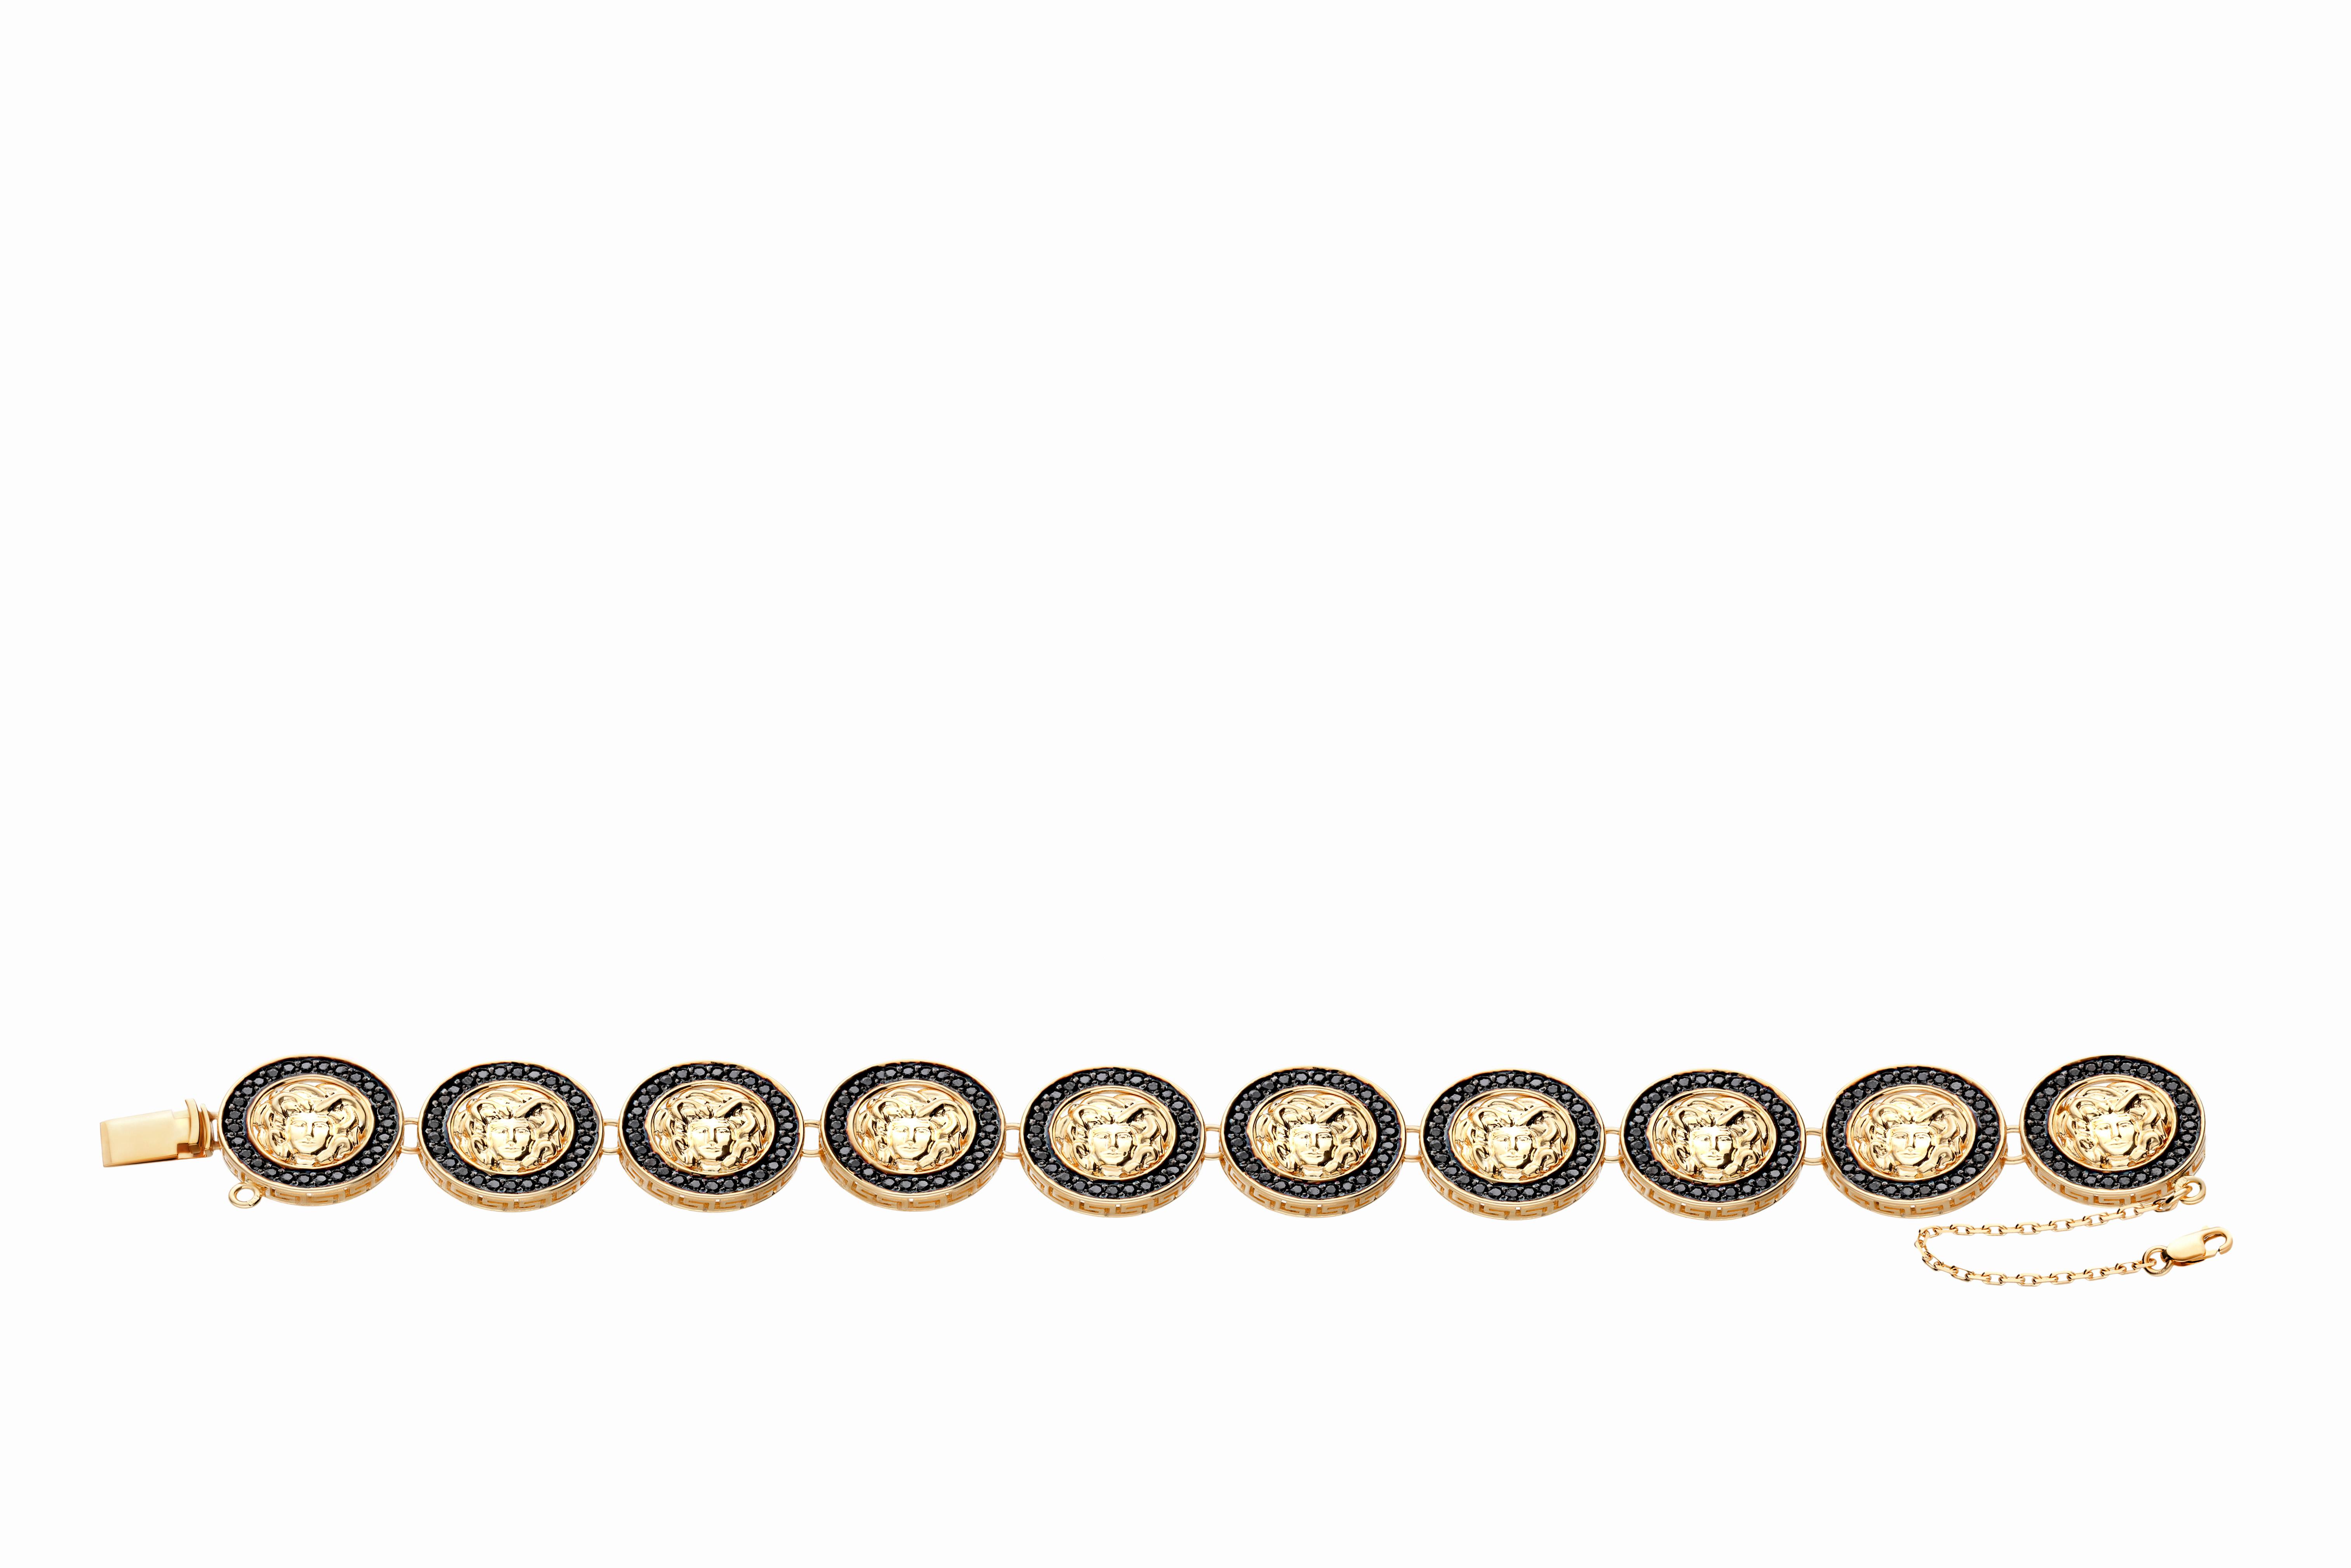 Bransoleta z żółtego złota z czarnymi cyrkoniami, próba 585.